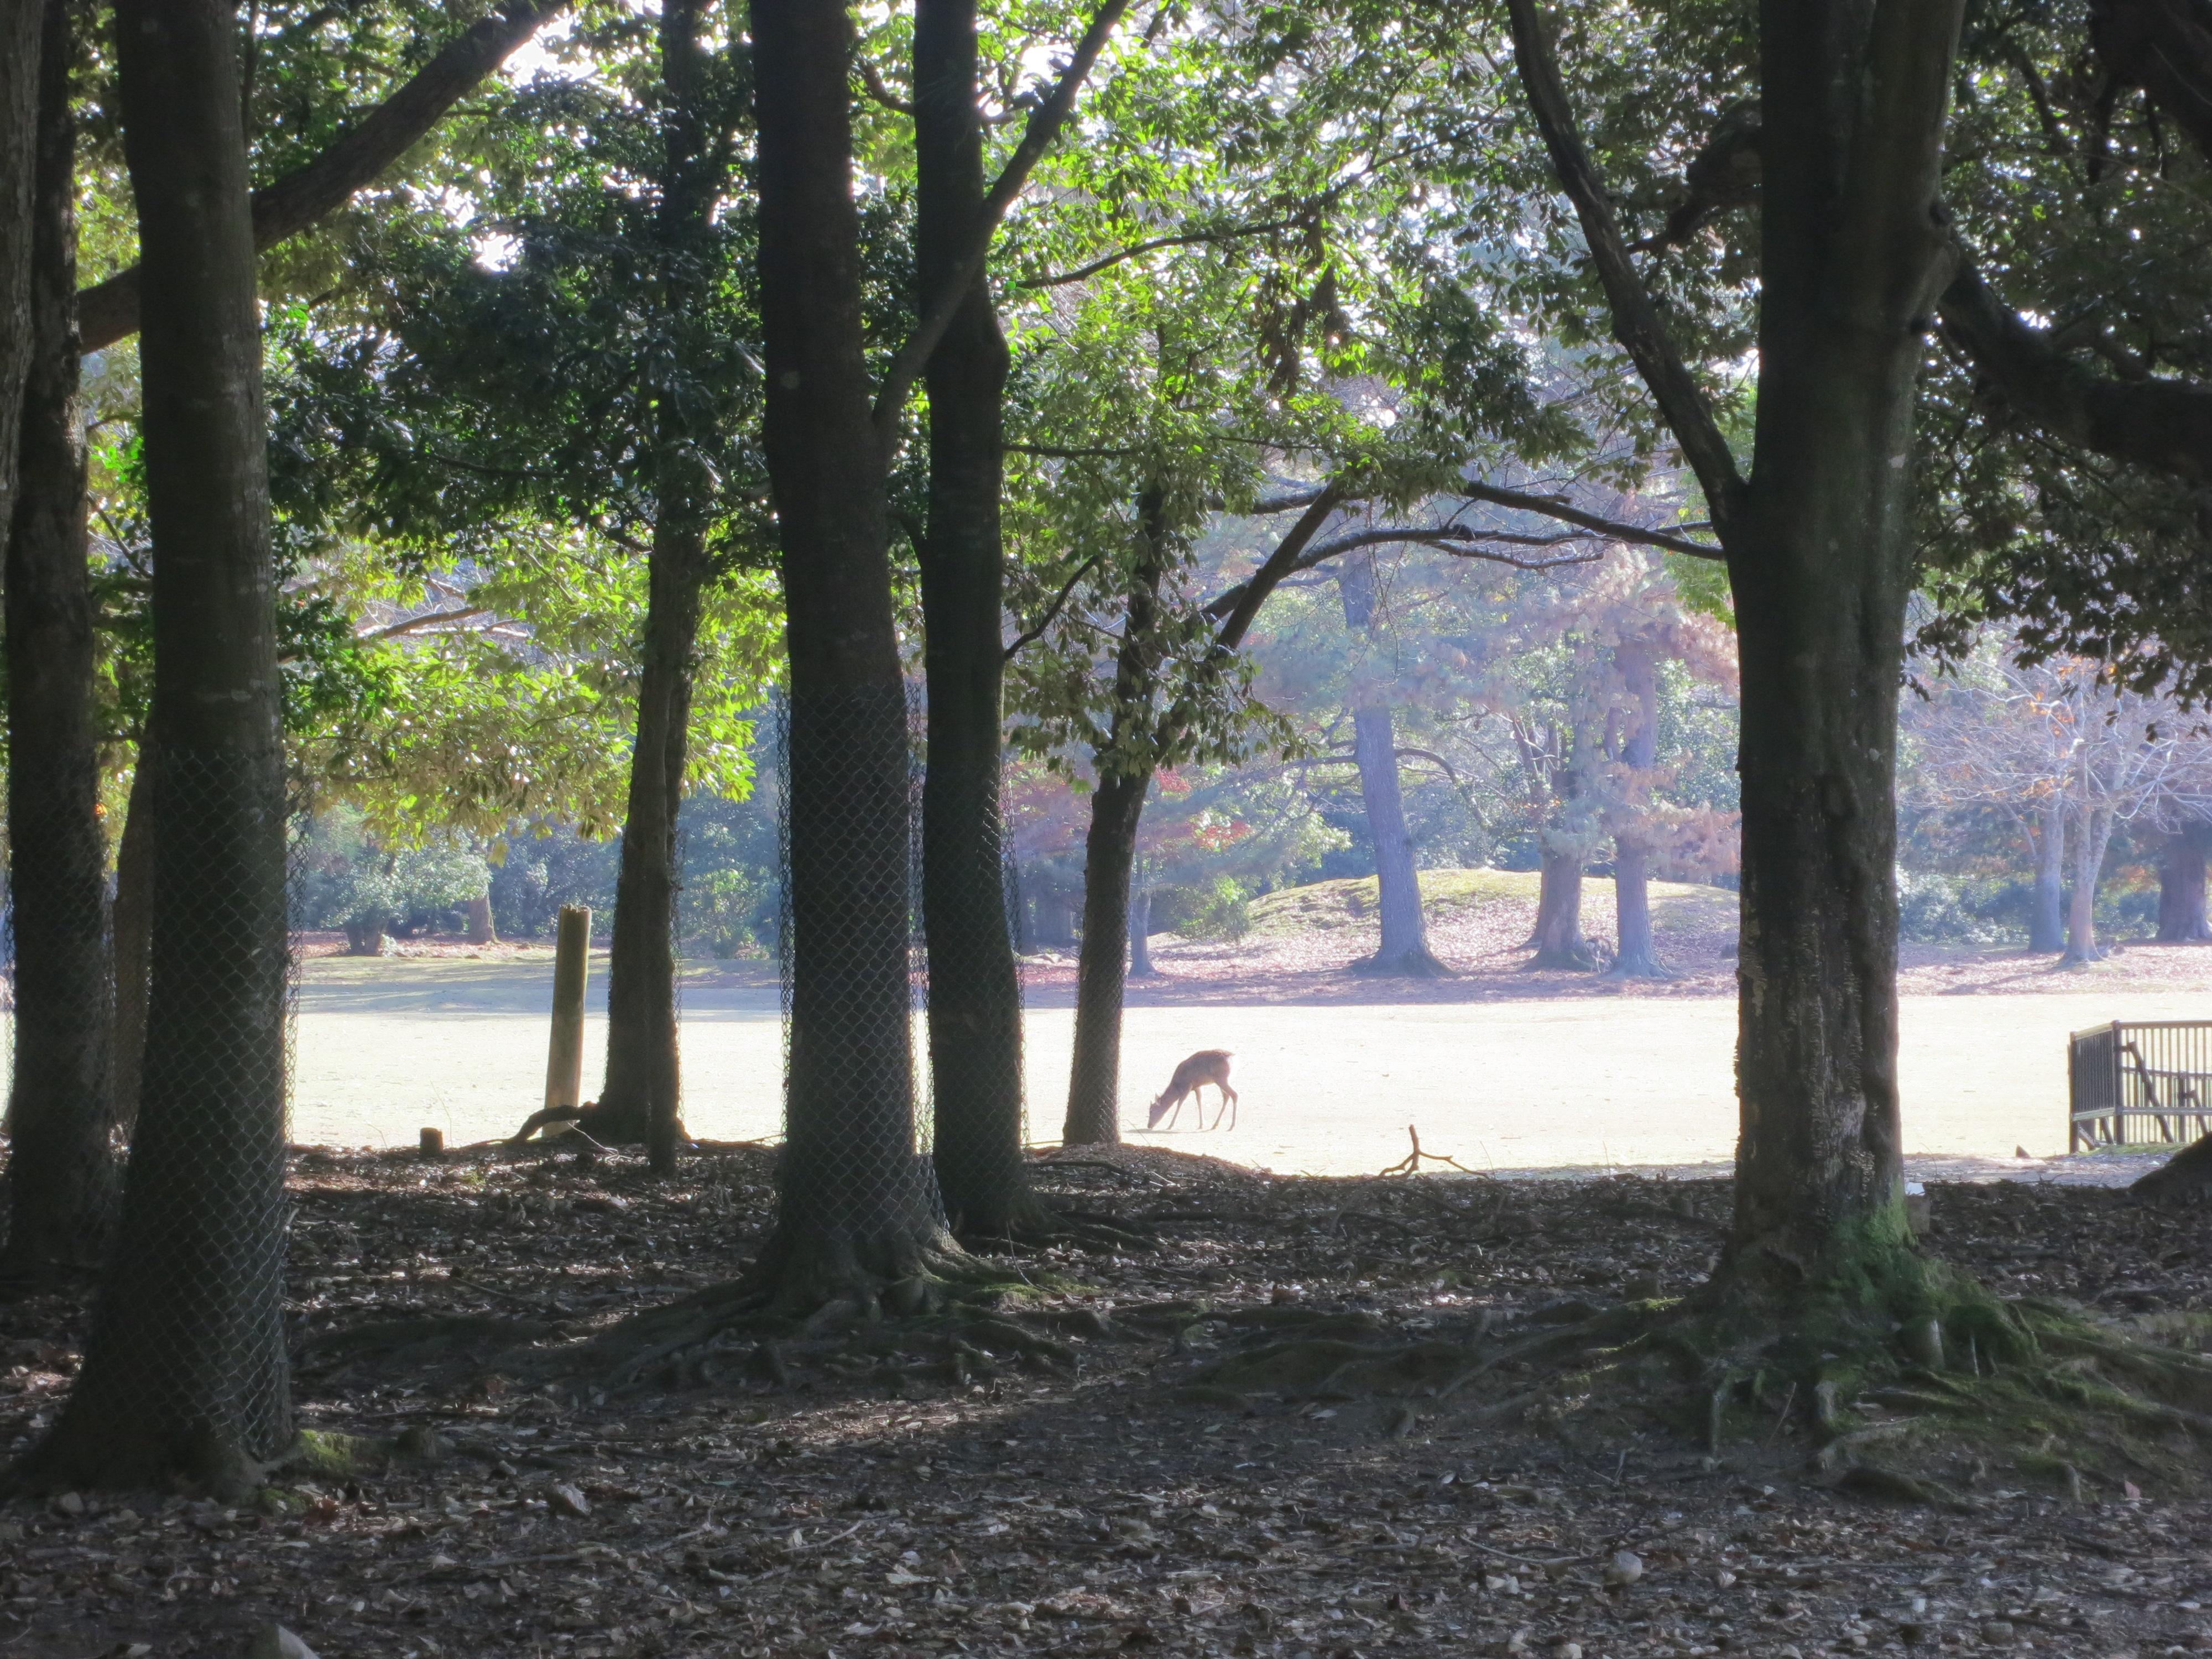 201203 奈良公園の鹿